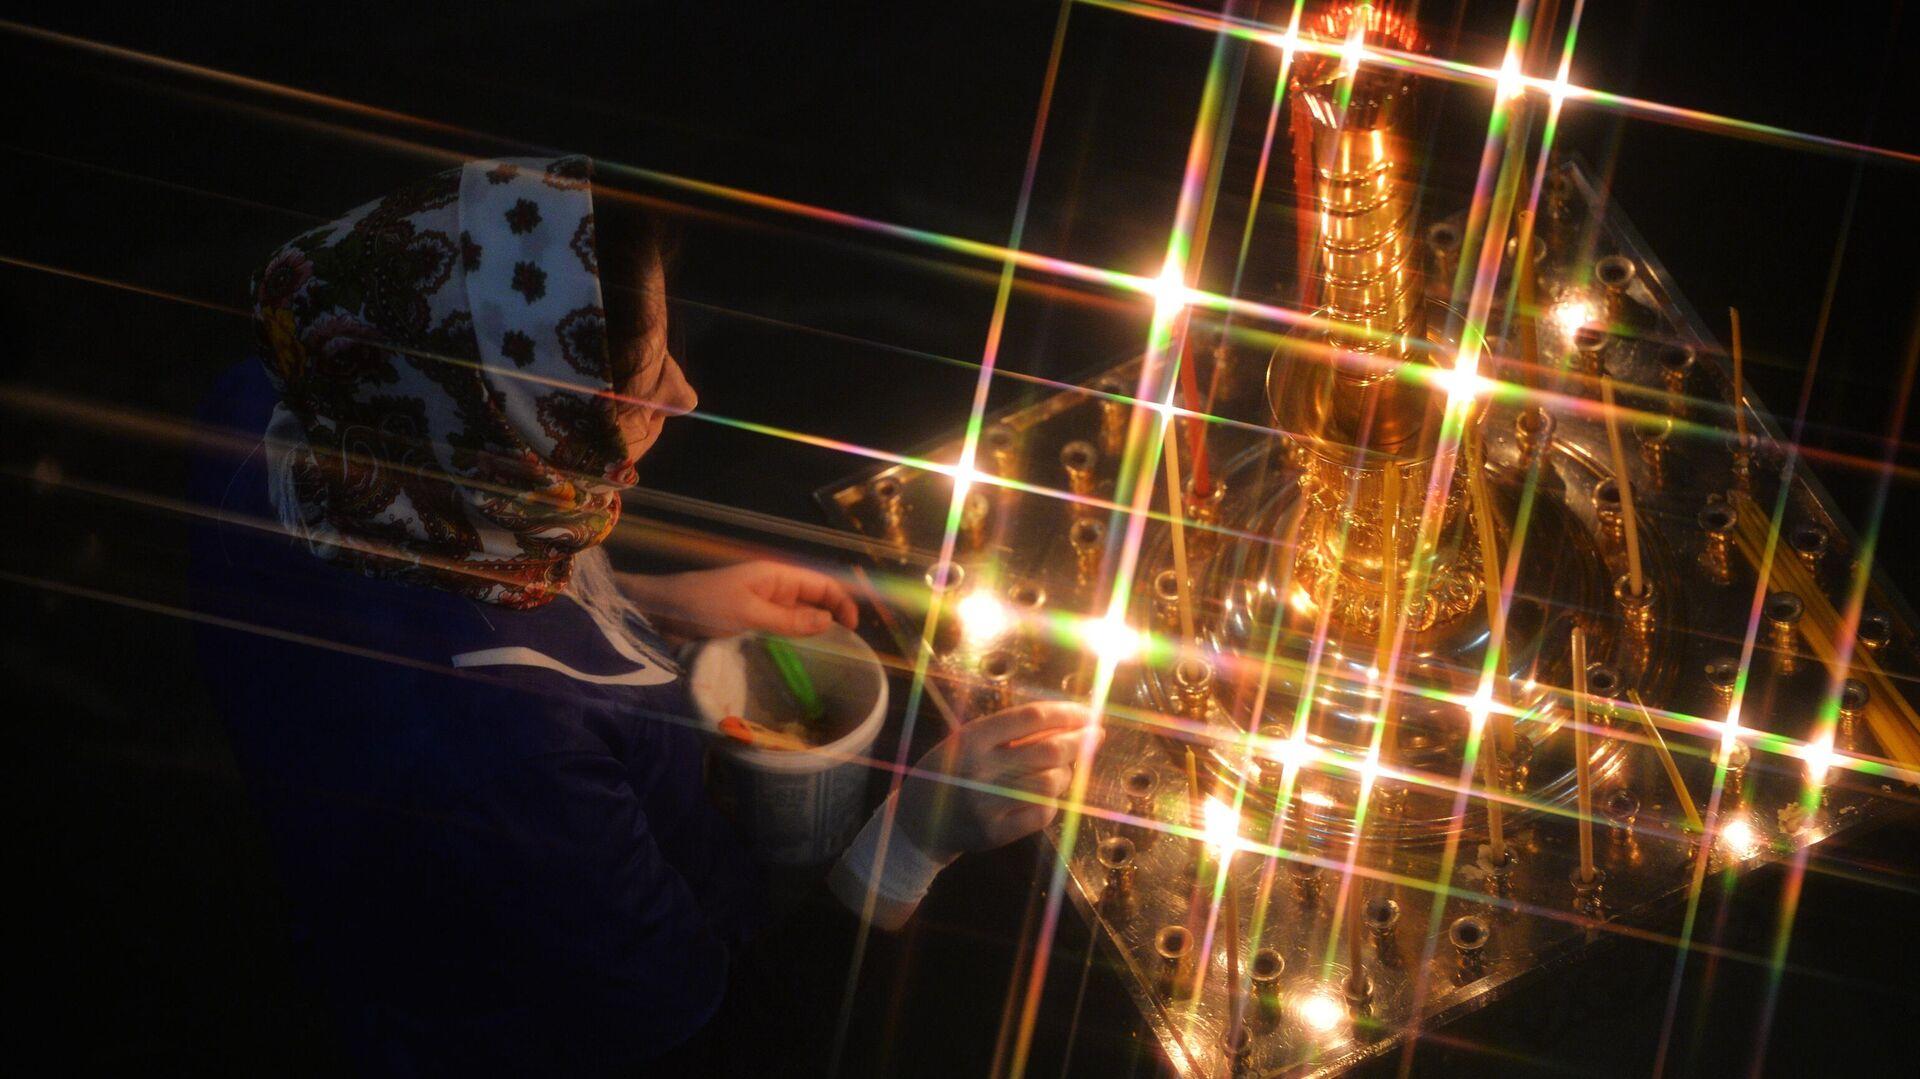 Верующая во время рождественского богослужения в соборе в Екатеринбурге - РИА Новости, 1920, 07.01.2020